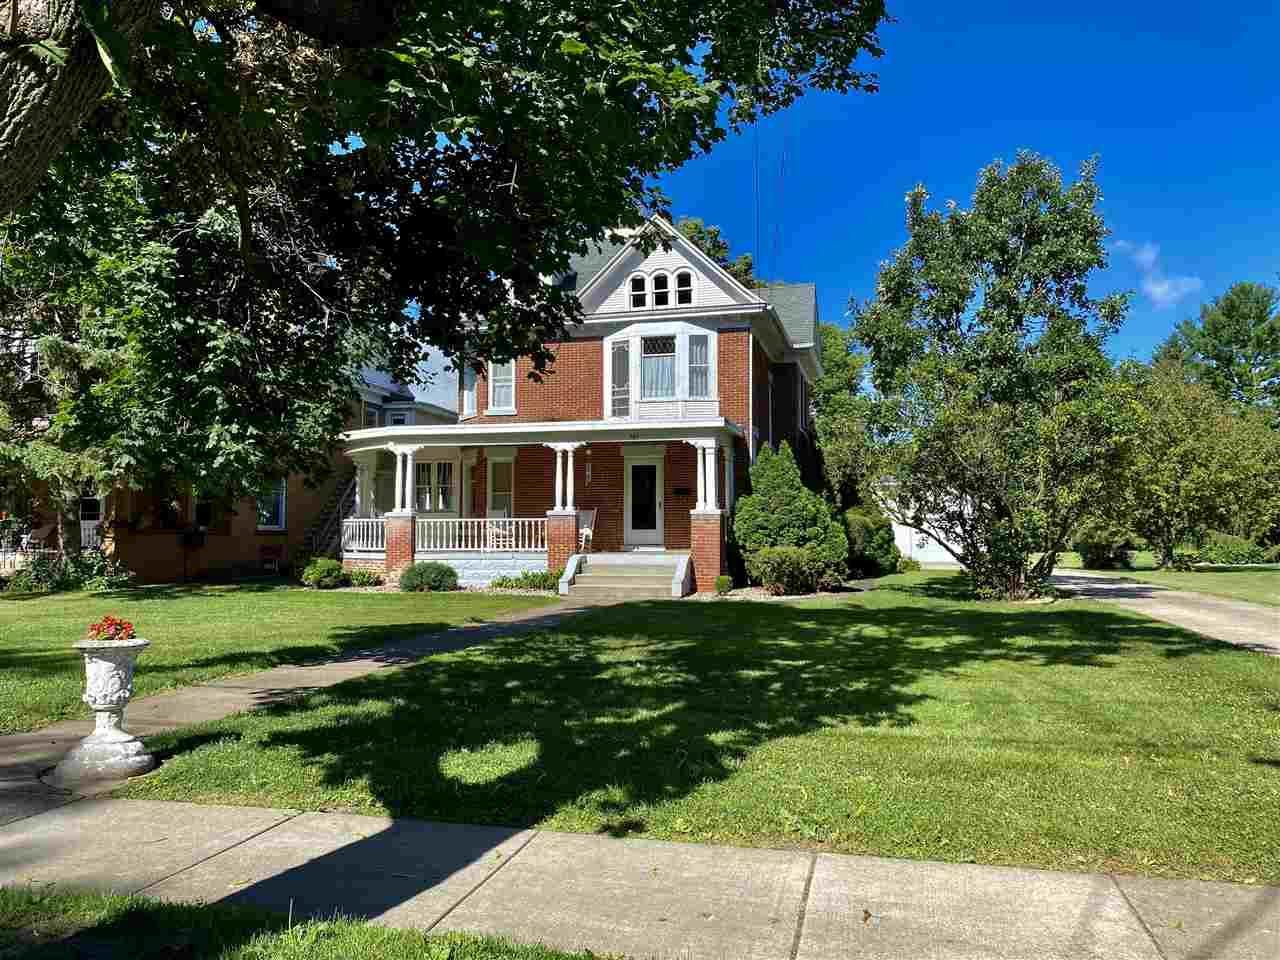 265 Park Ave, Prairie du Sac, WI 53578 - #: 1889200